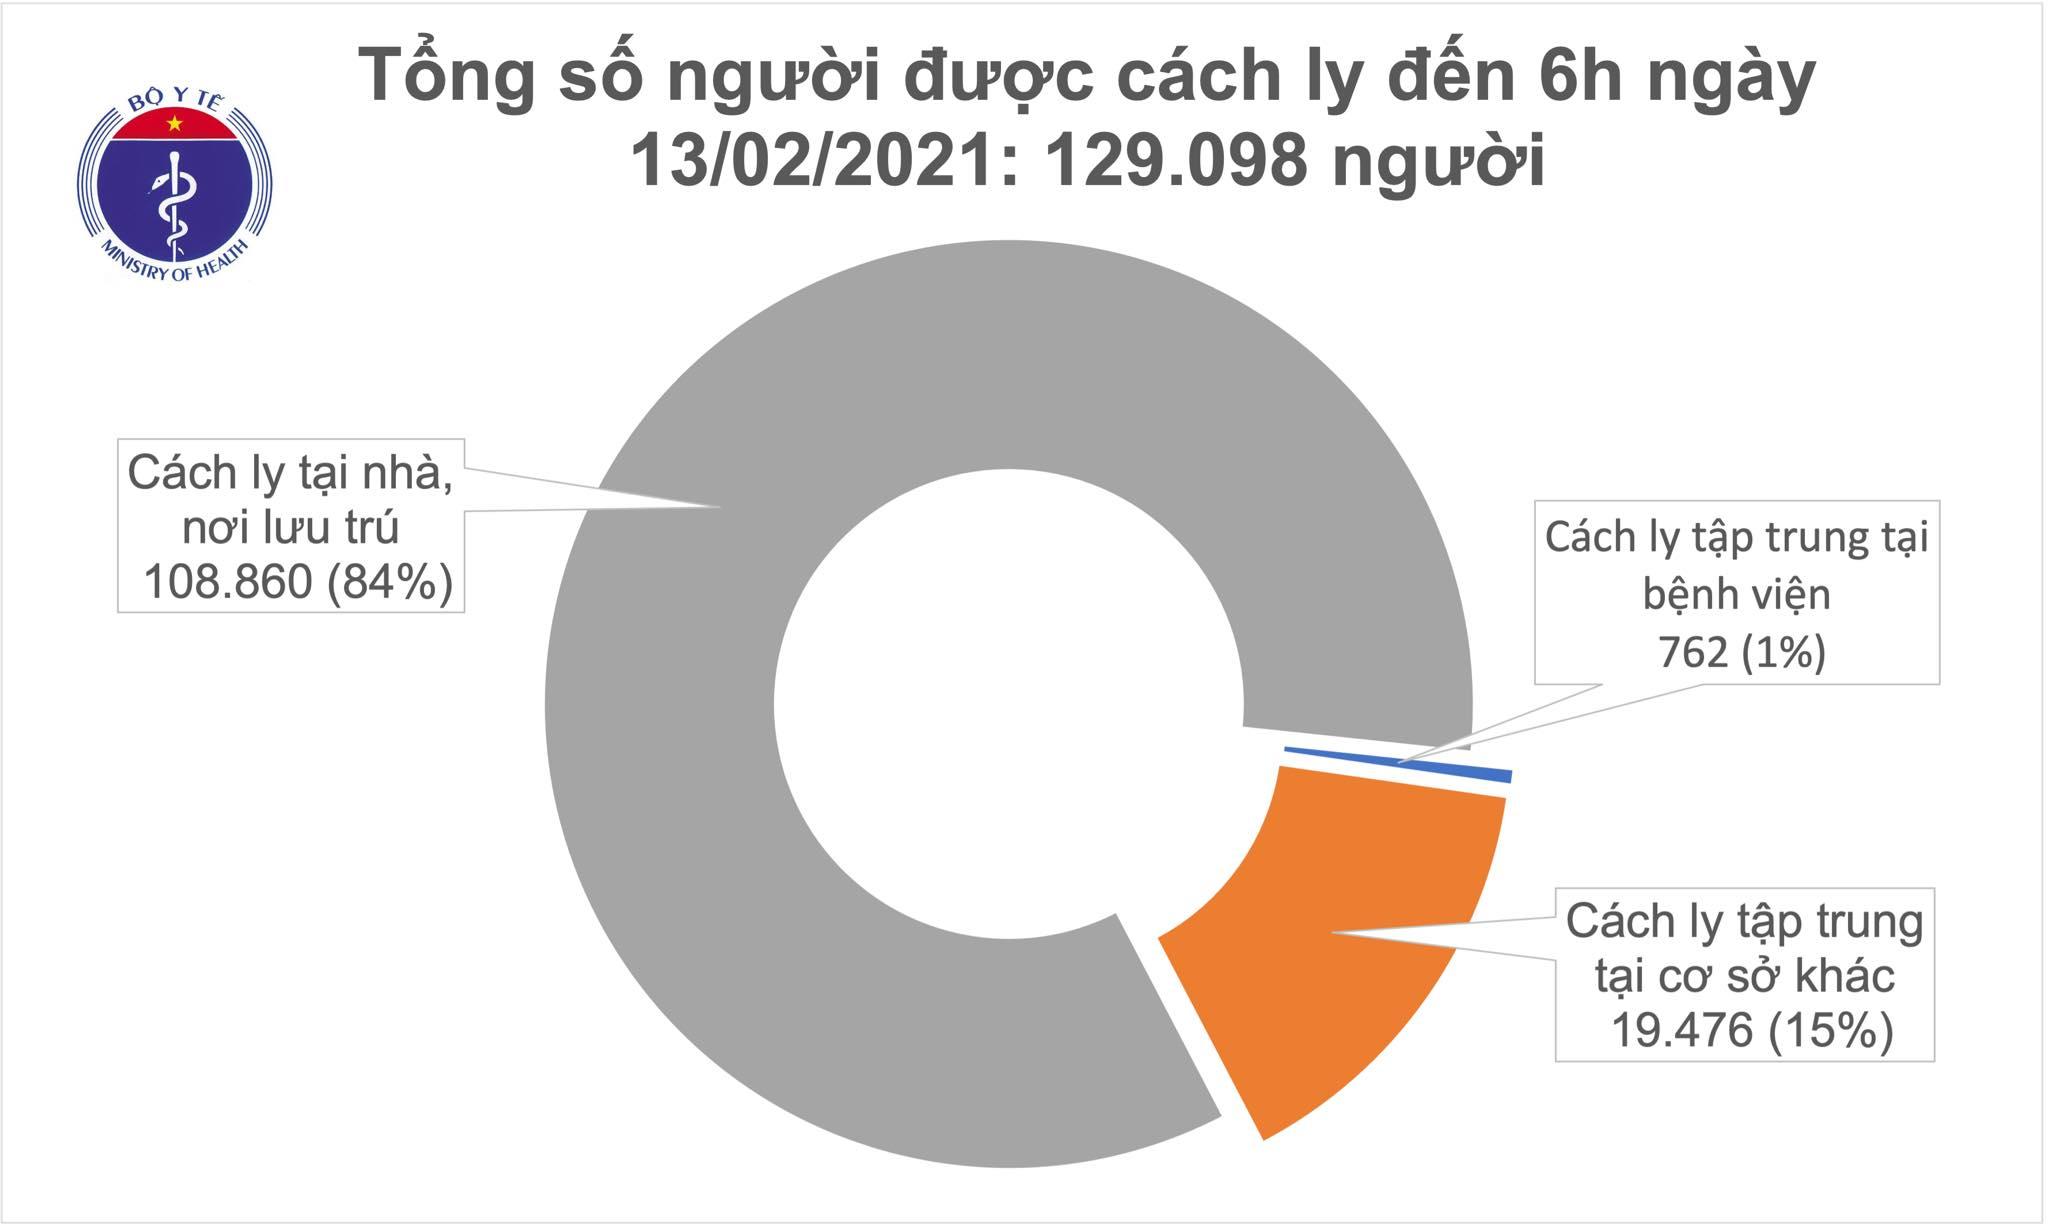 Sáng mùng 2 Tết, không có ca mắc COVID-19, Việt Nam chữa khỏi 1.531 bệnh nhân